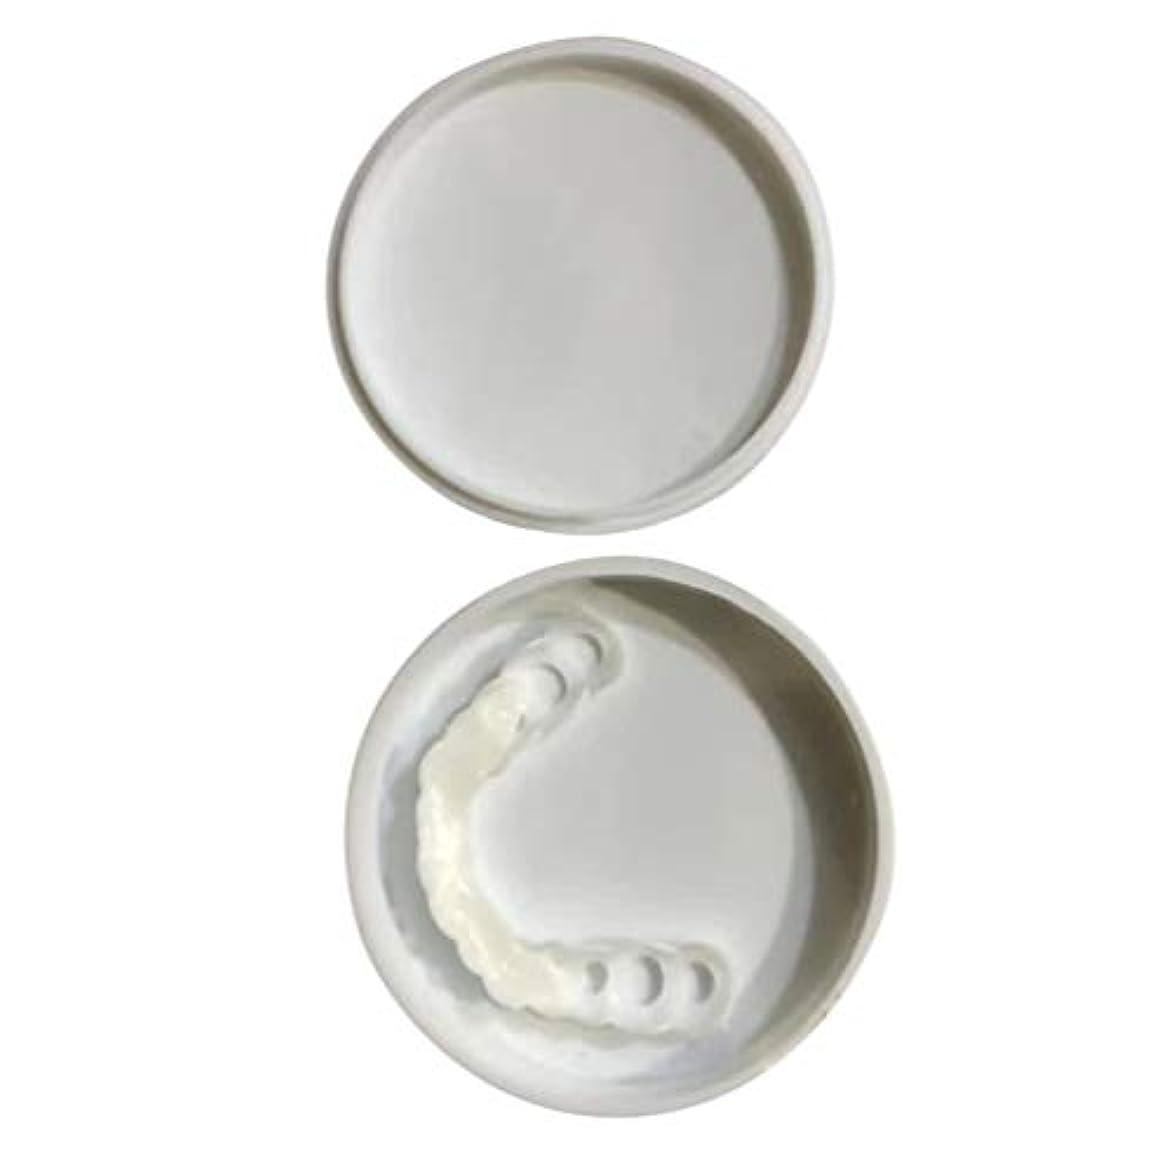 シプリーステップ差別化する快適なスナップオン男性女性歯インスタントパーフェクトスマイルコンフォートフィットフレックス歯フィットホワイトニング笑顔偽歯カバー - ホワイト